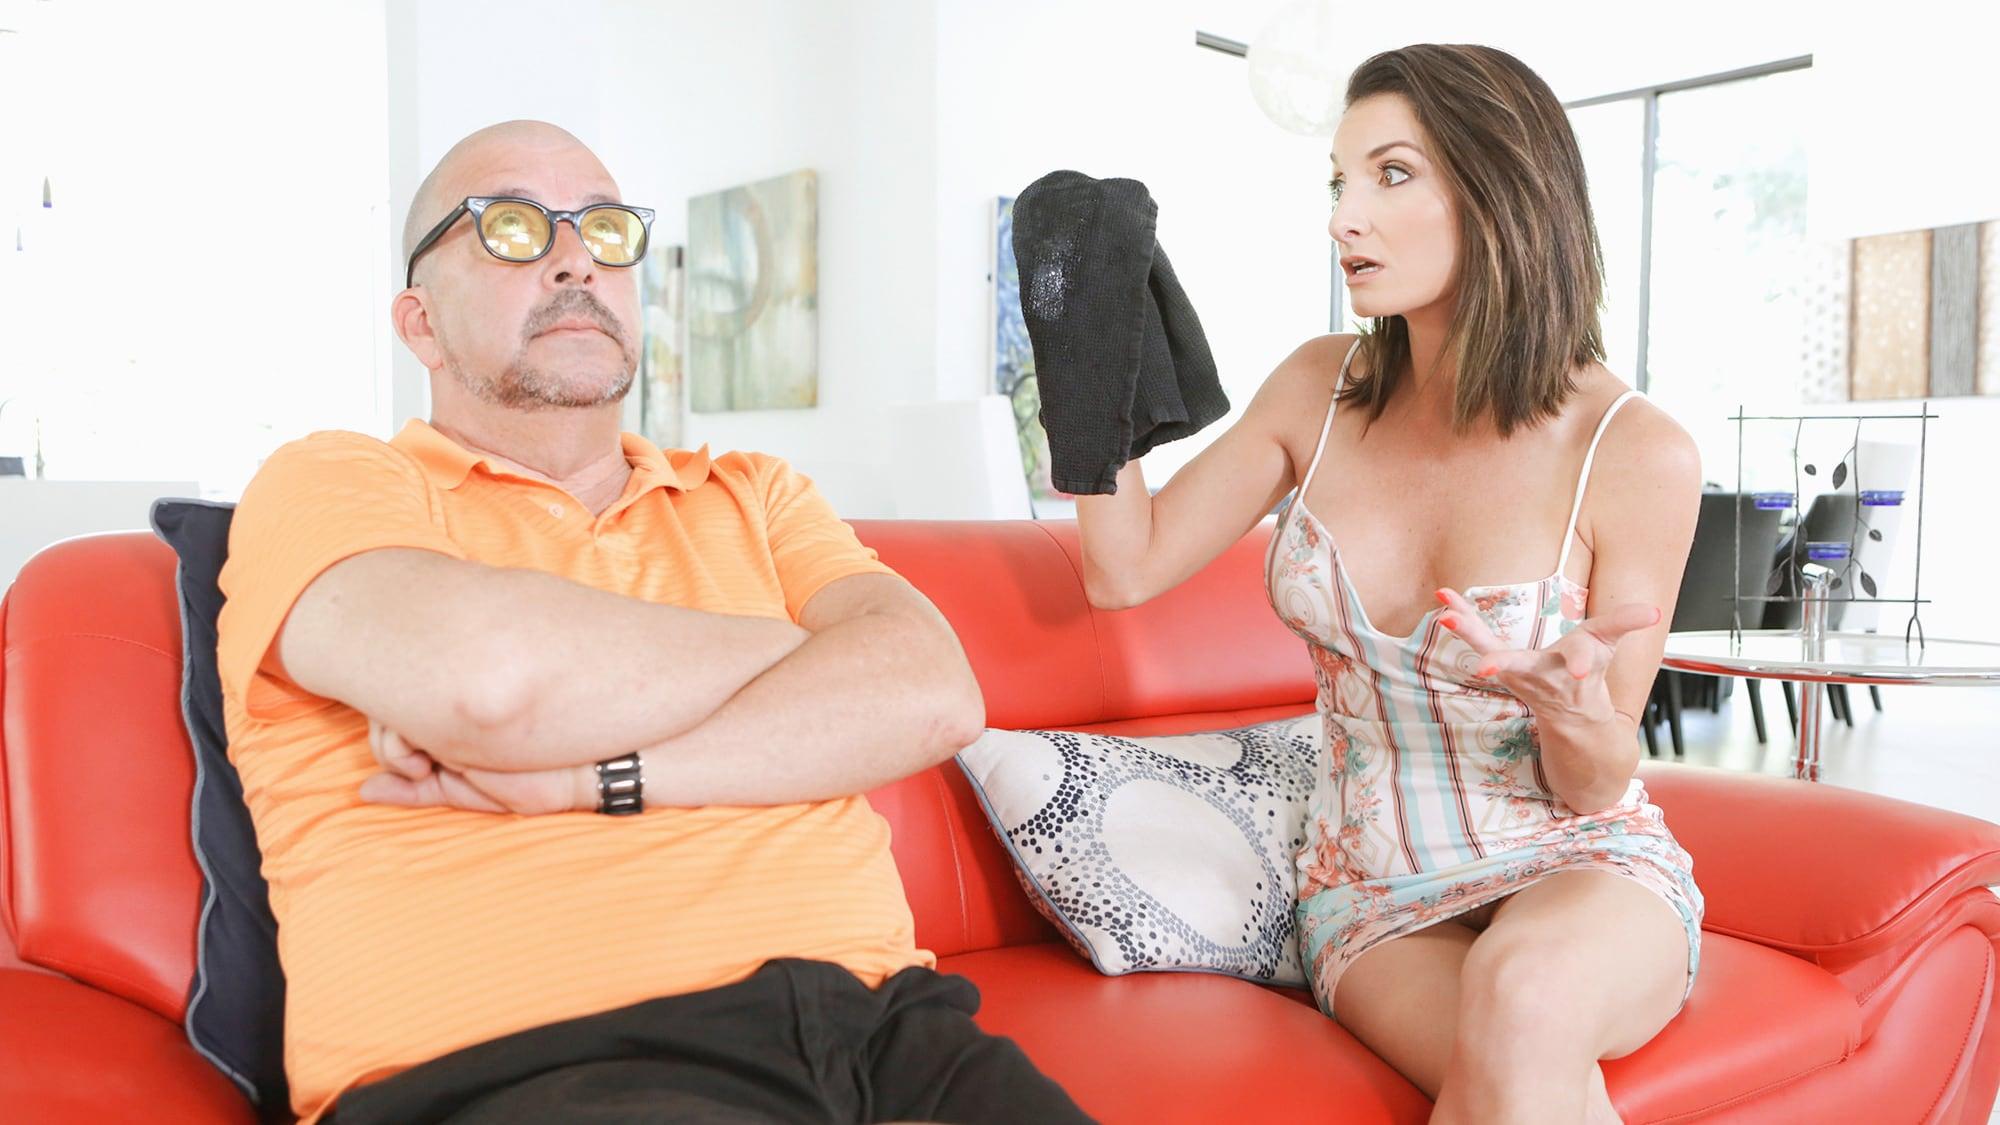 family strokes - taboo family porn - taboo family sex.